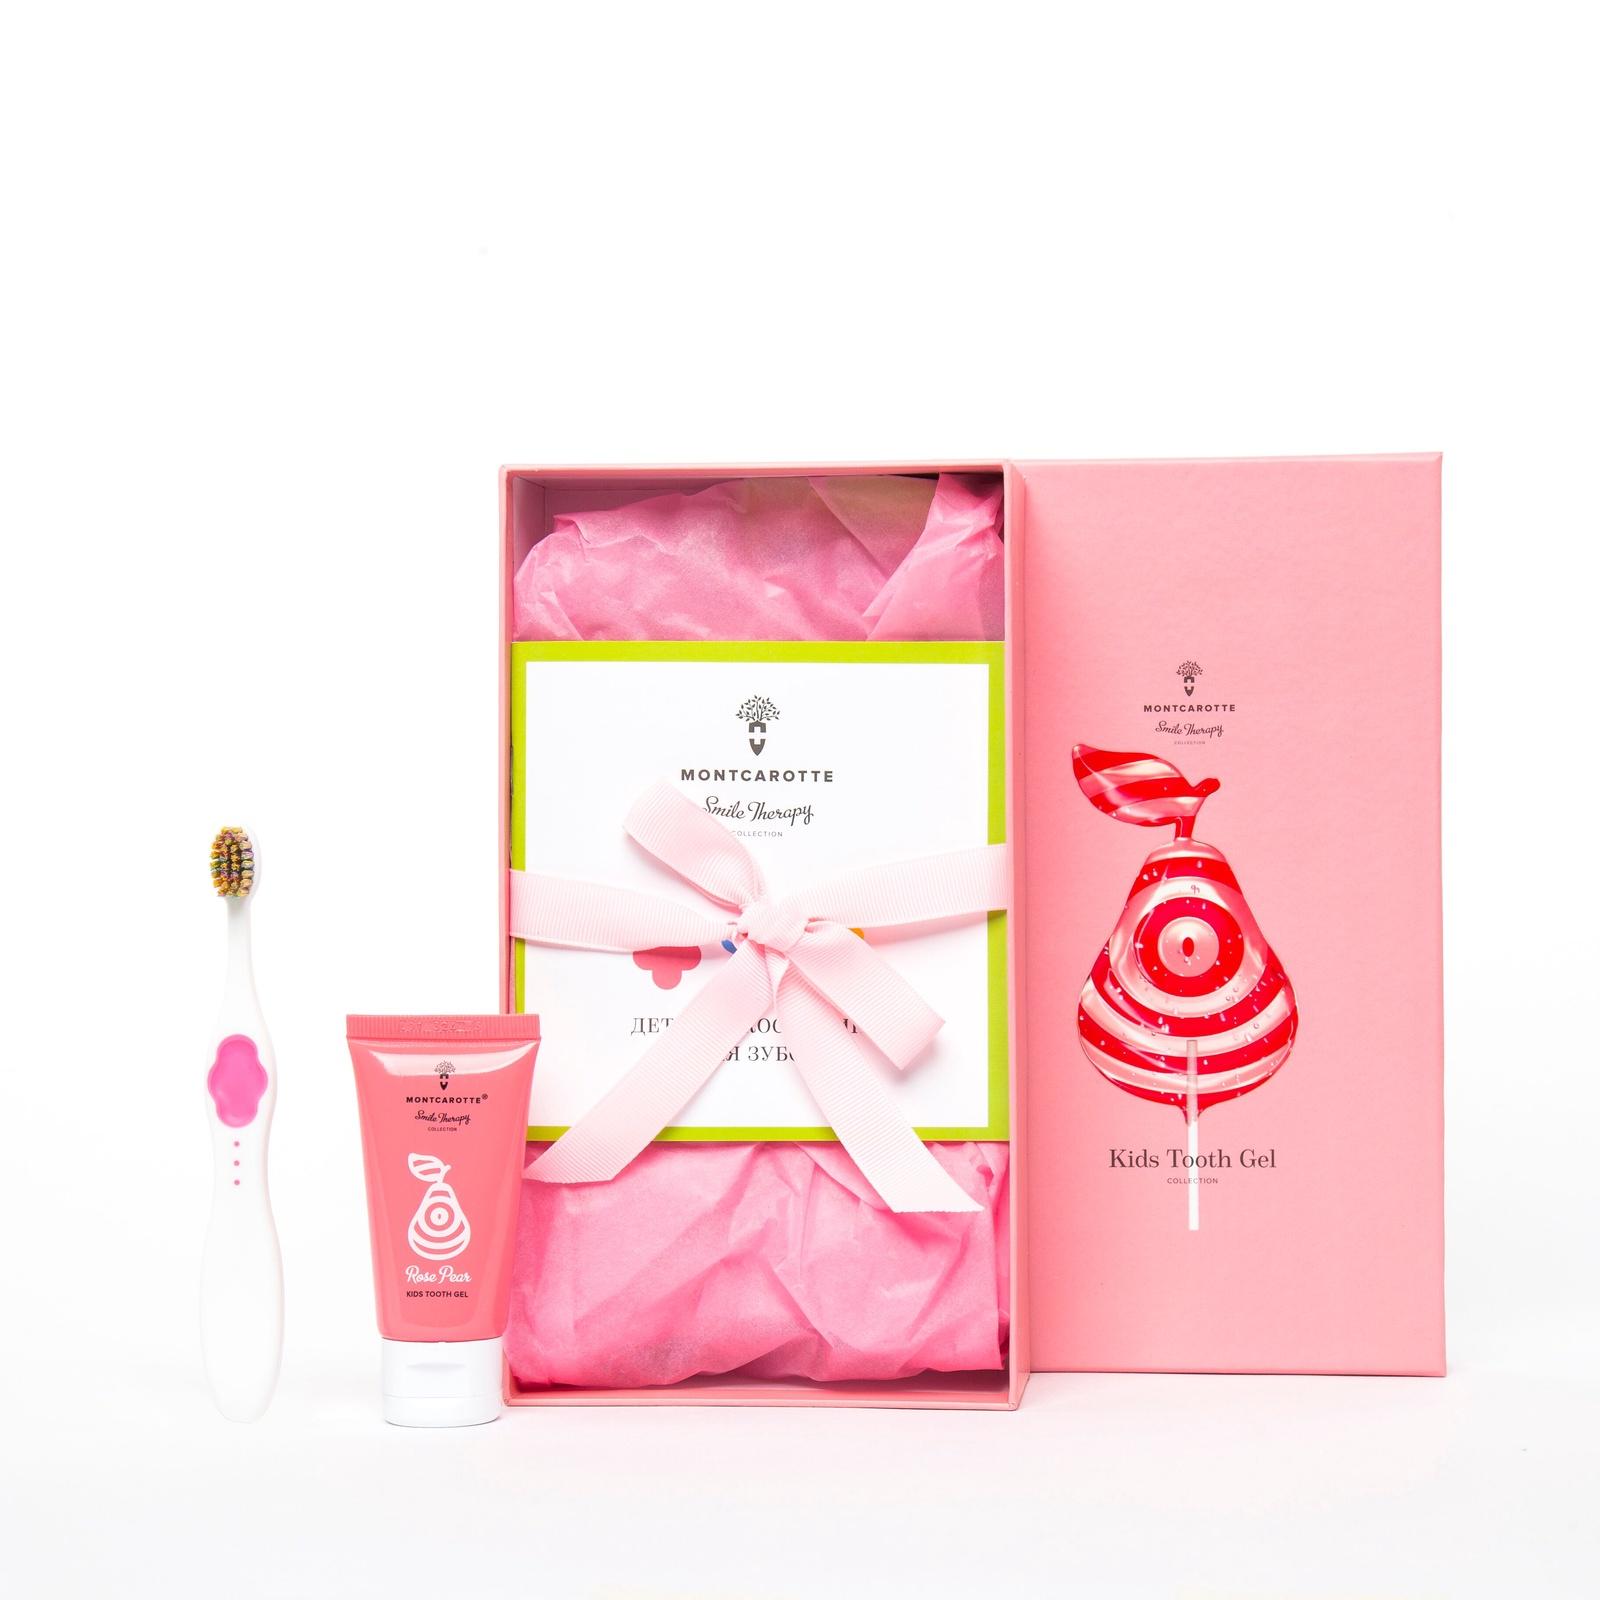 Набор детский подарочный Розовая груша 2 ед: Детский зубной гель Розовая Груша+Детская Зубная щетка Розовая